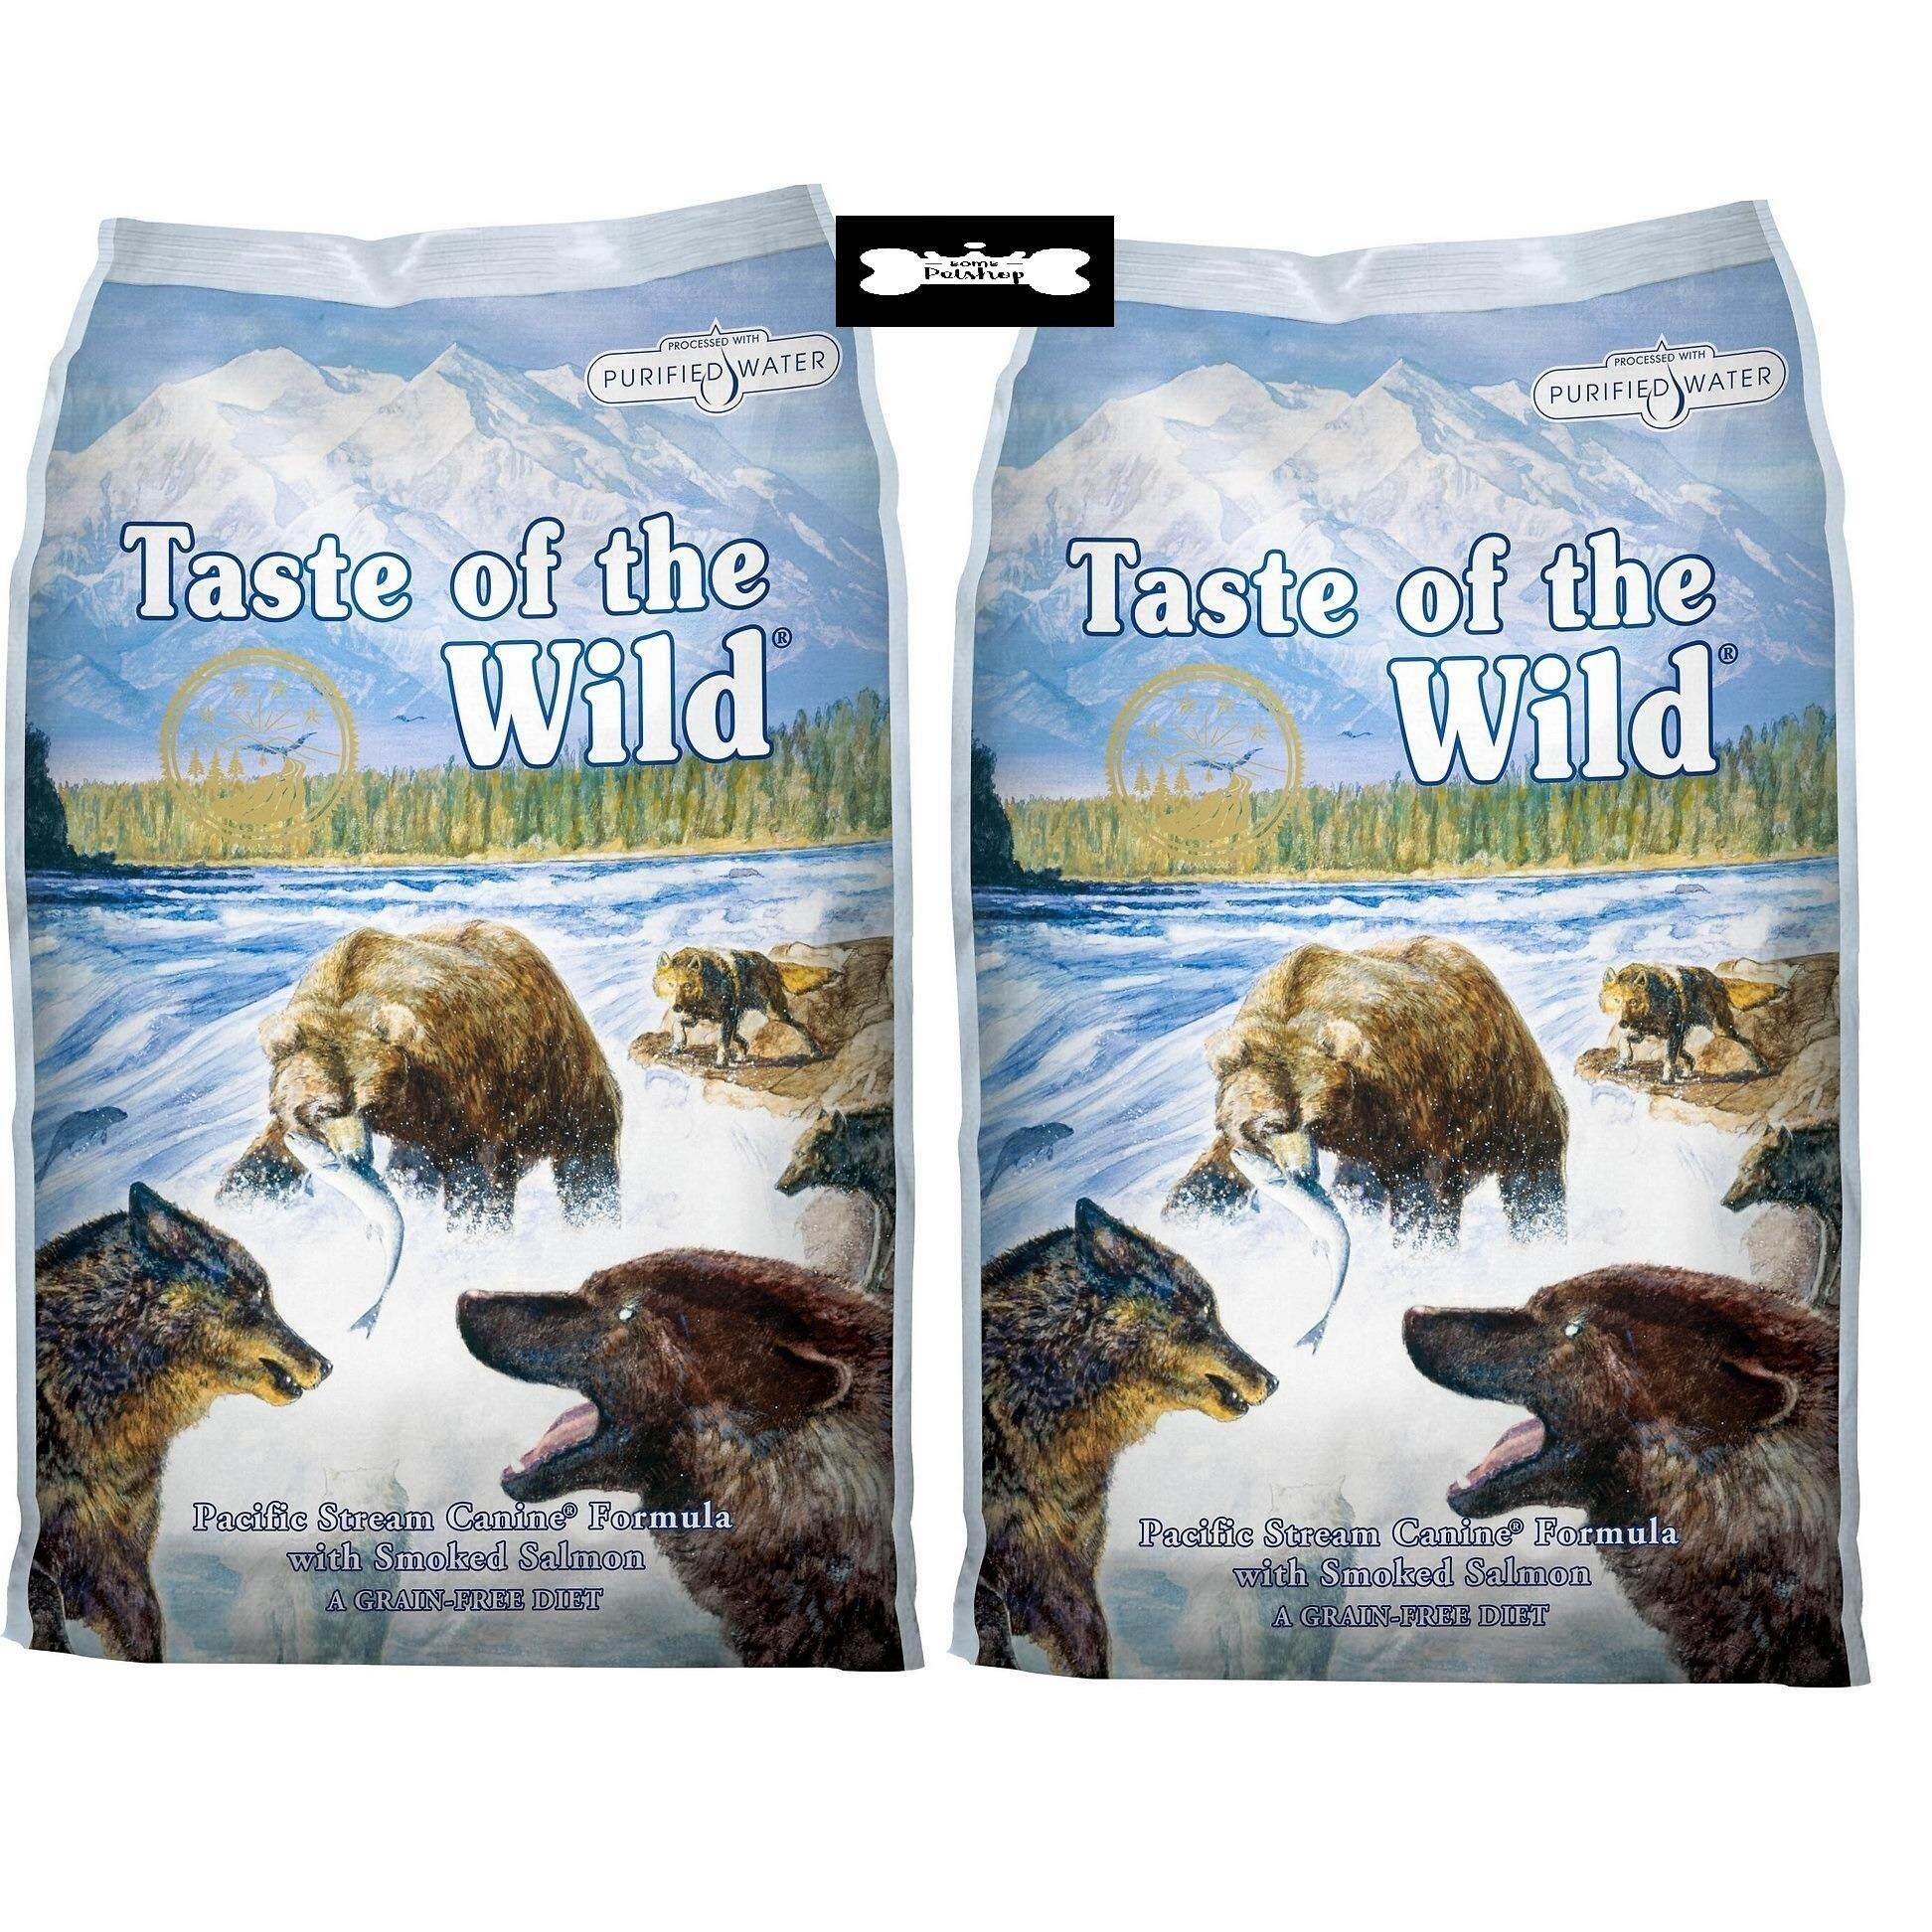 ราคา Taste Of The Wild Smoked Salmon อาหารสุนัขโต ทำจากแซลมอล 1 5Lb Or 68Kg 1 ถุง แถม 1 ถุง ใหม่